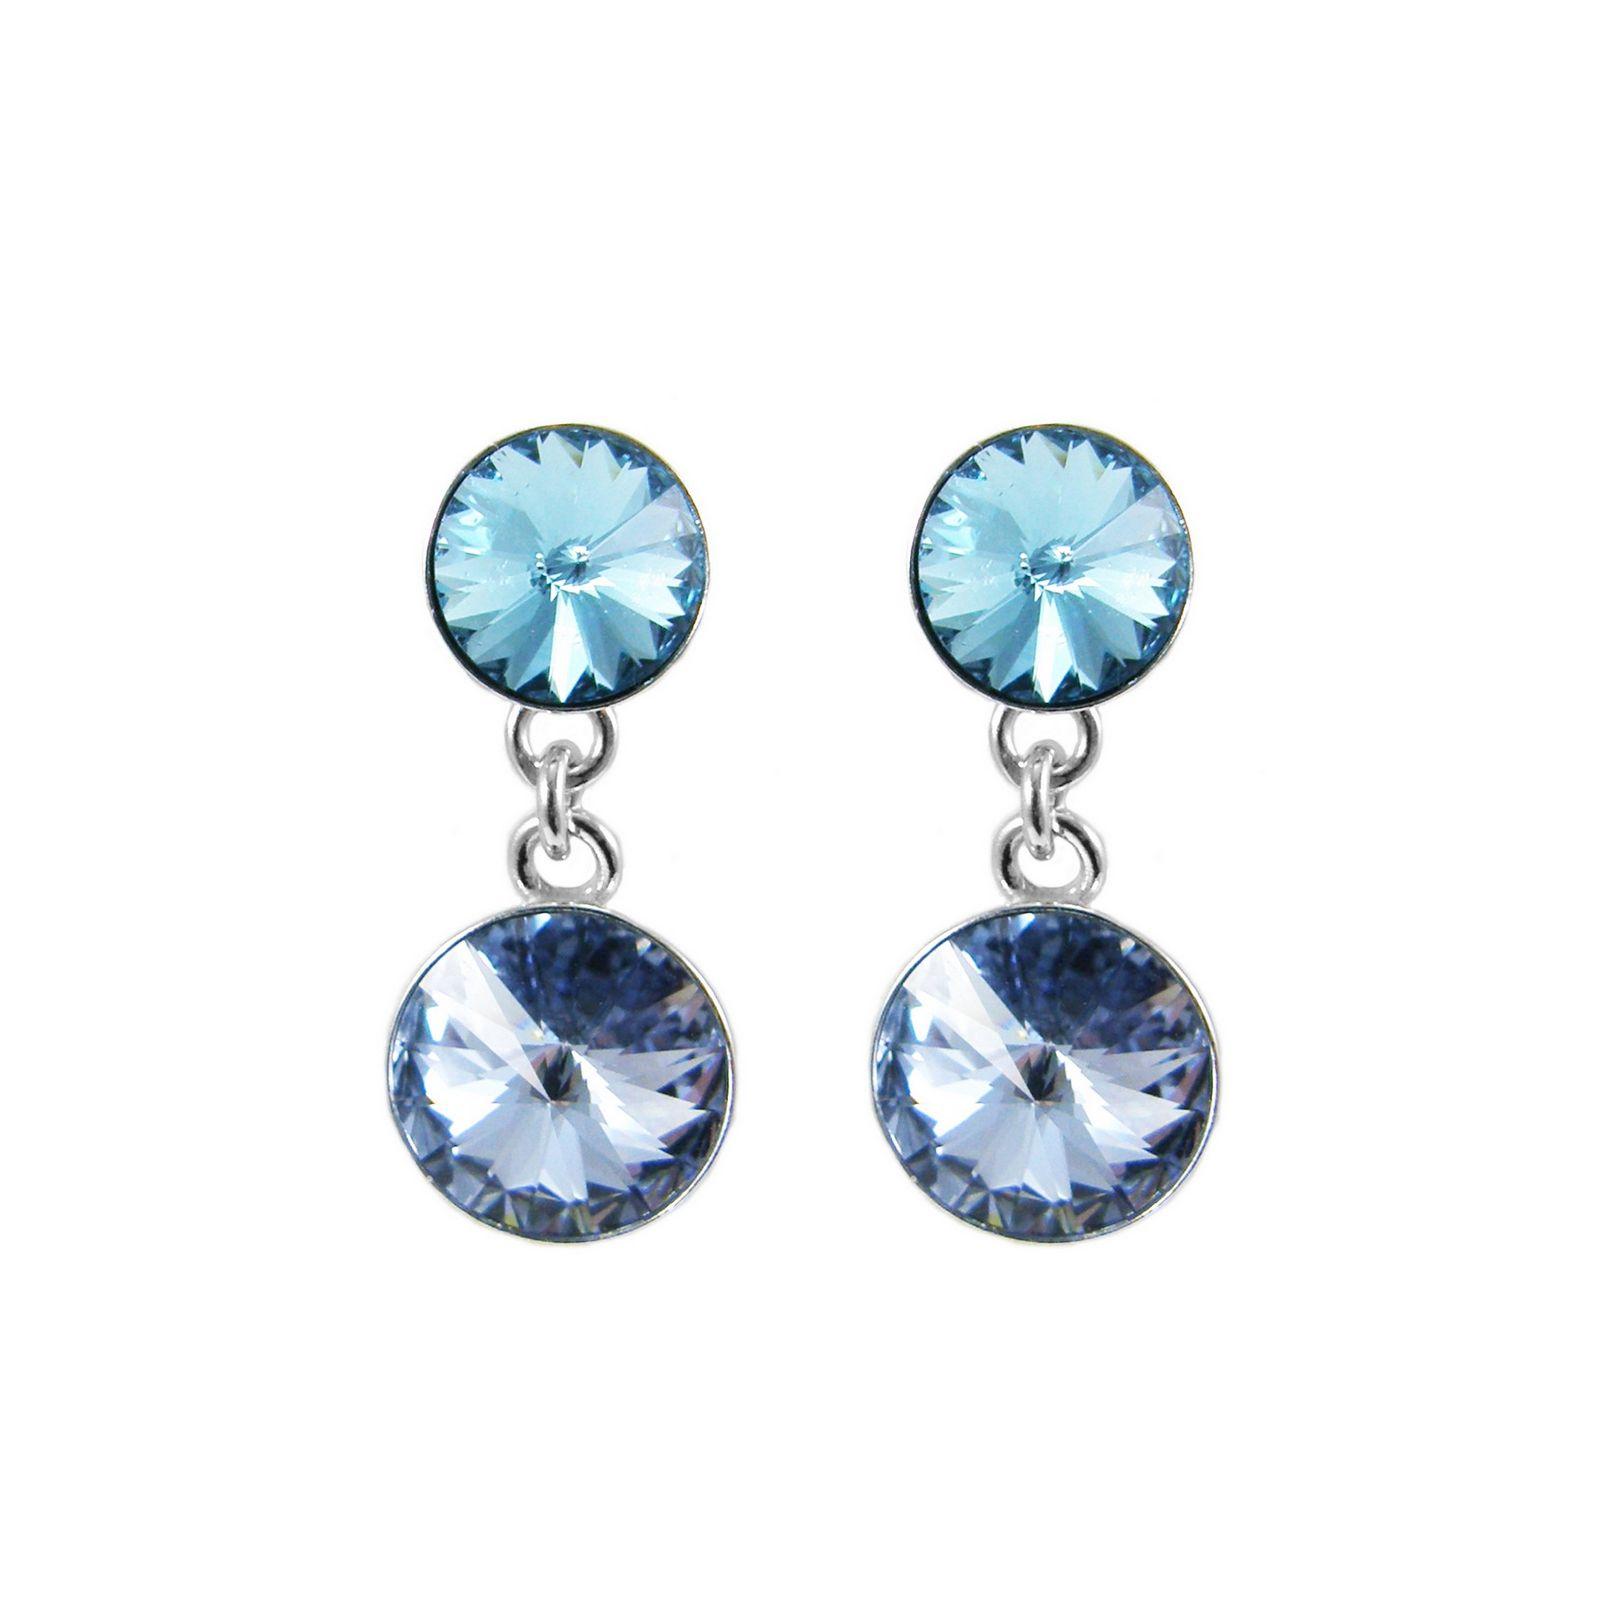 Boucles d'oreilles Indicolite Ricochet en argent et cristaux Swarovski turquoises